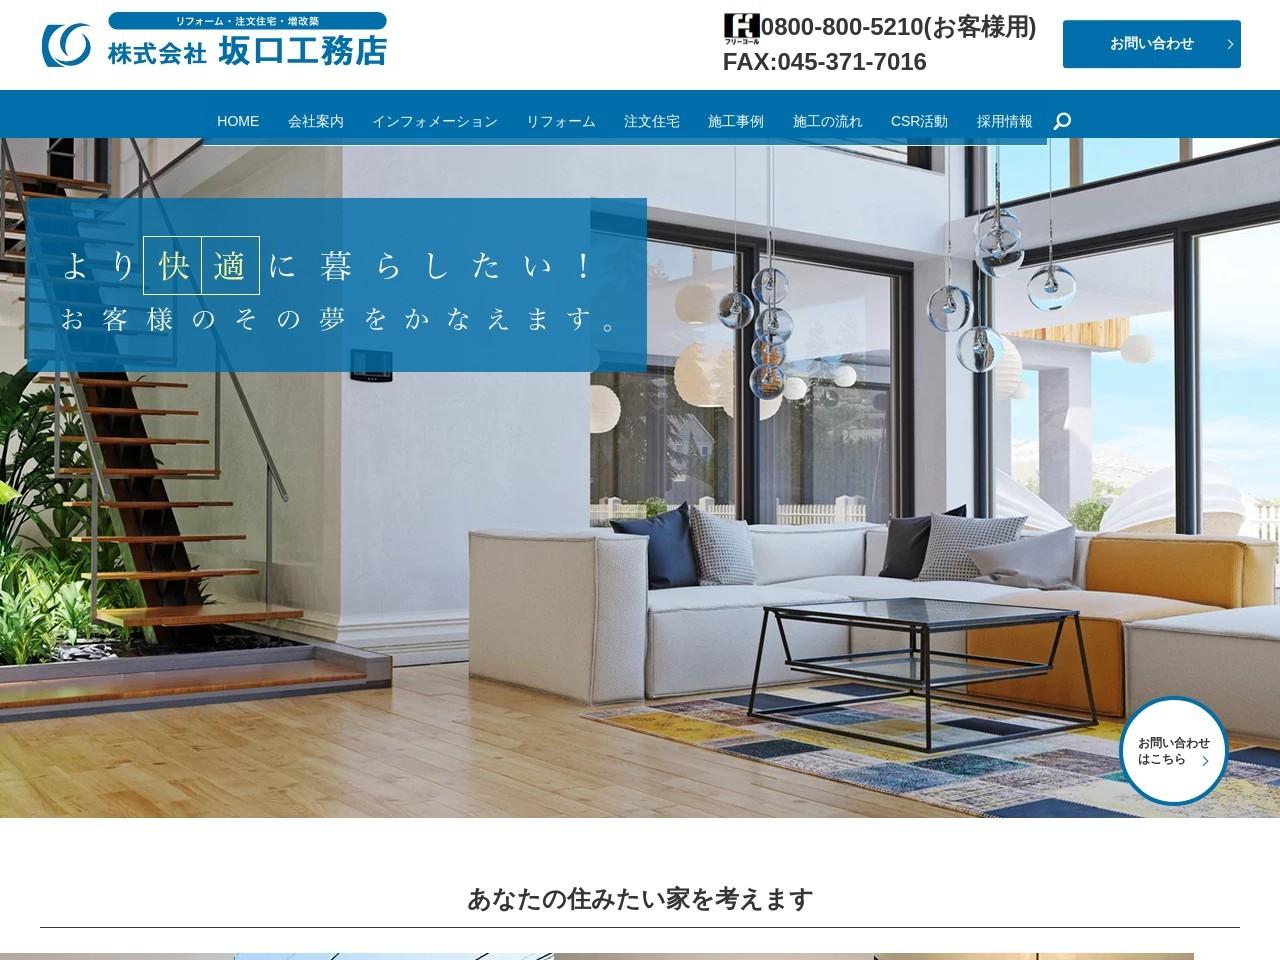 株式会社坂口工務店